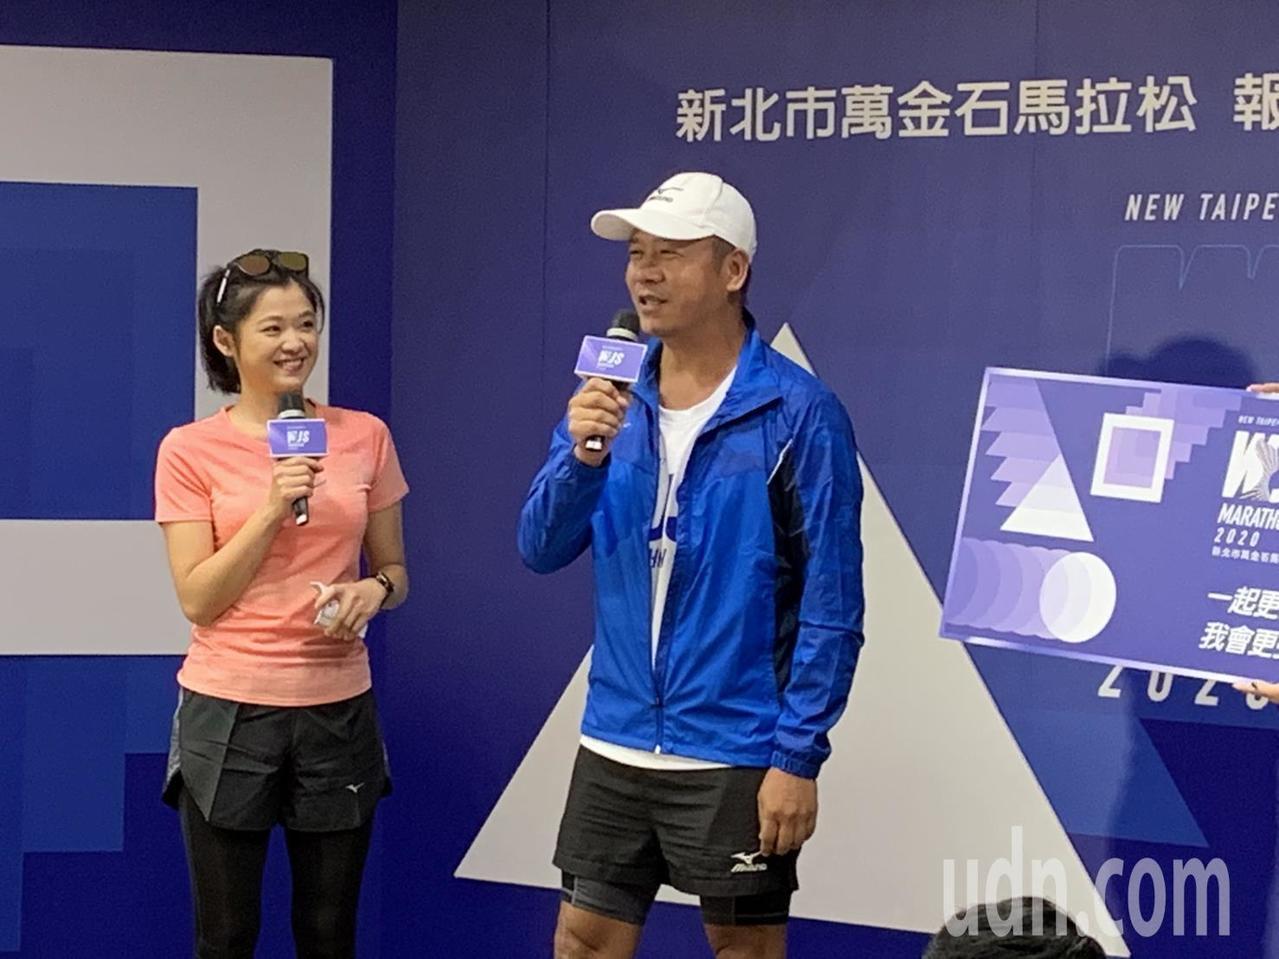 2020萬金石馬拉松邀請設計師蕭青陽(右)設計深藍色主視覺,他表示,台灣就能做到...